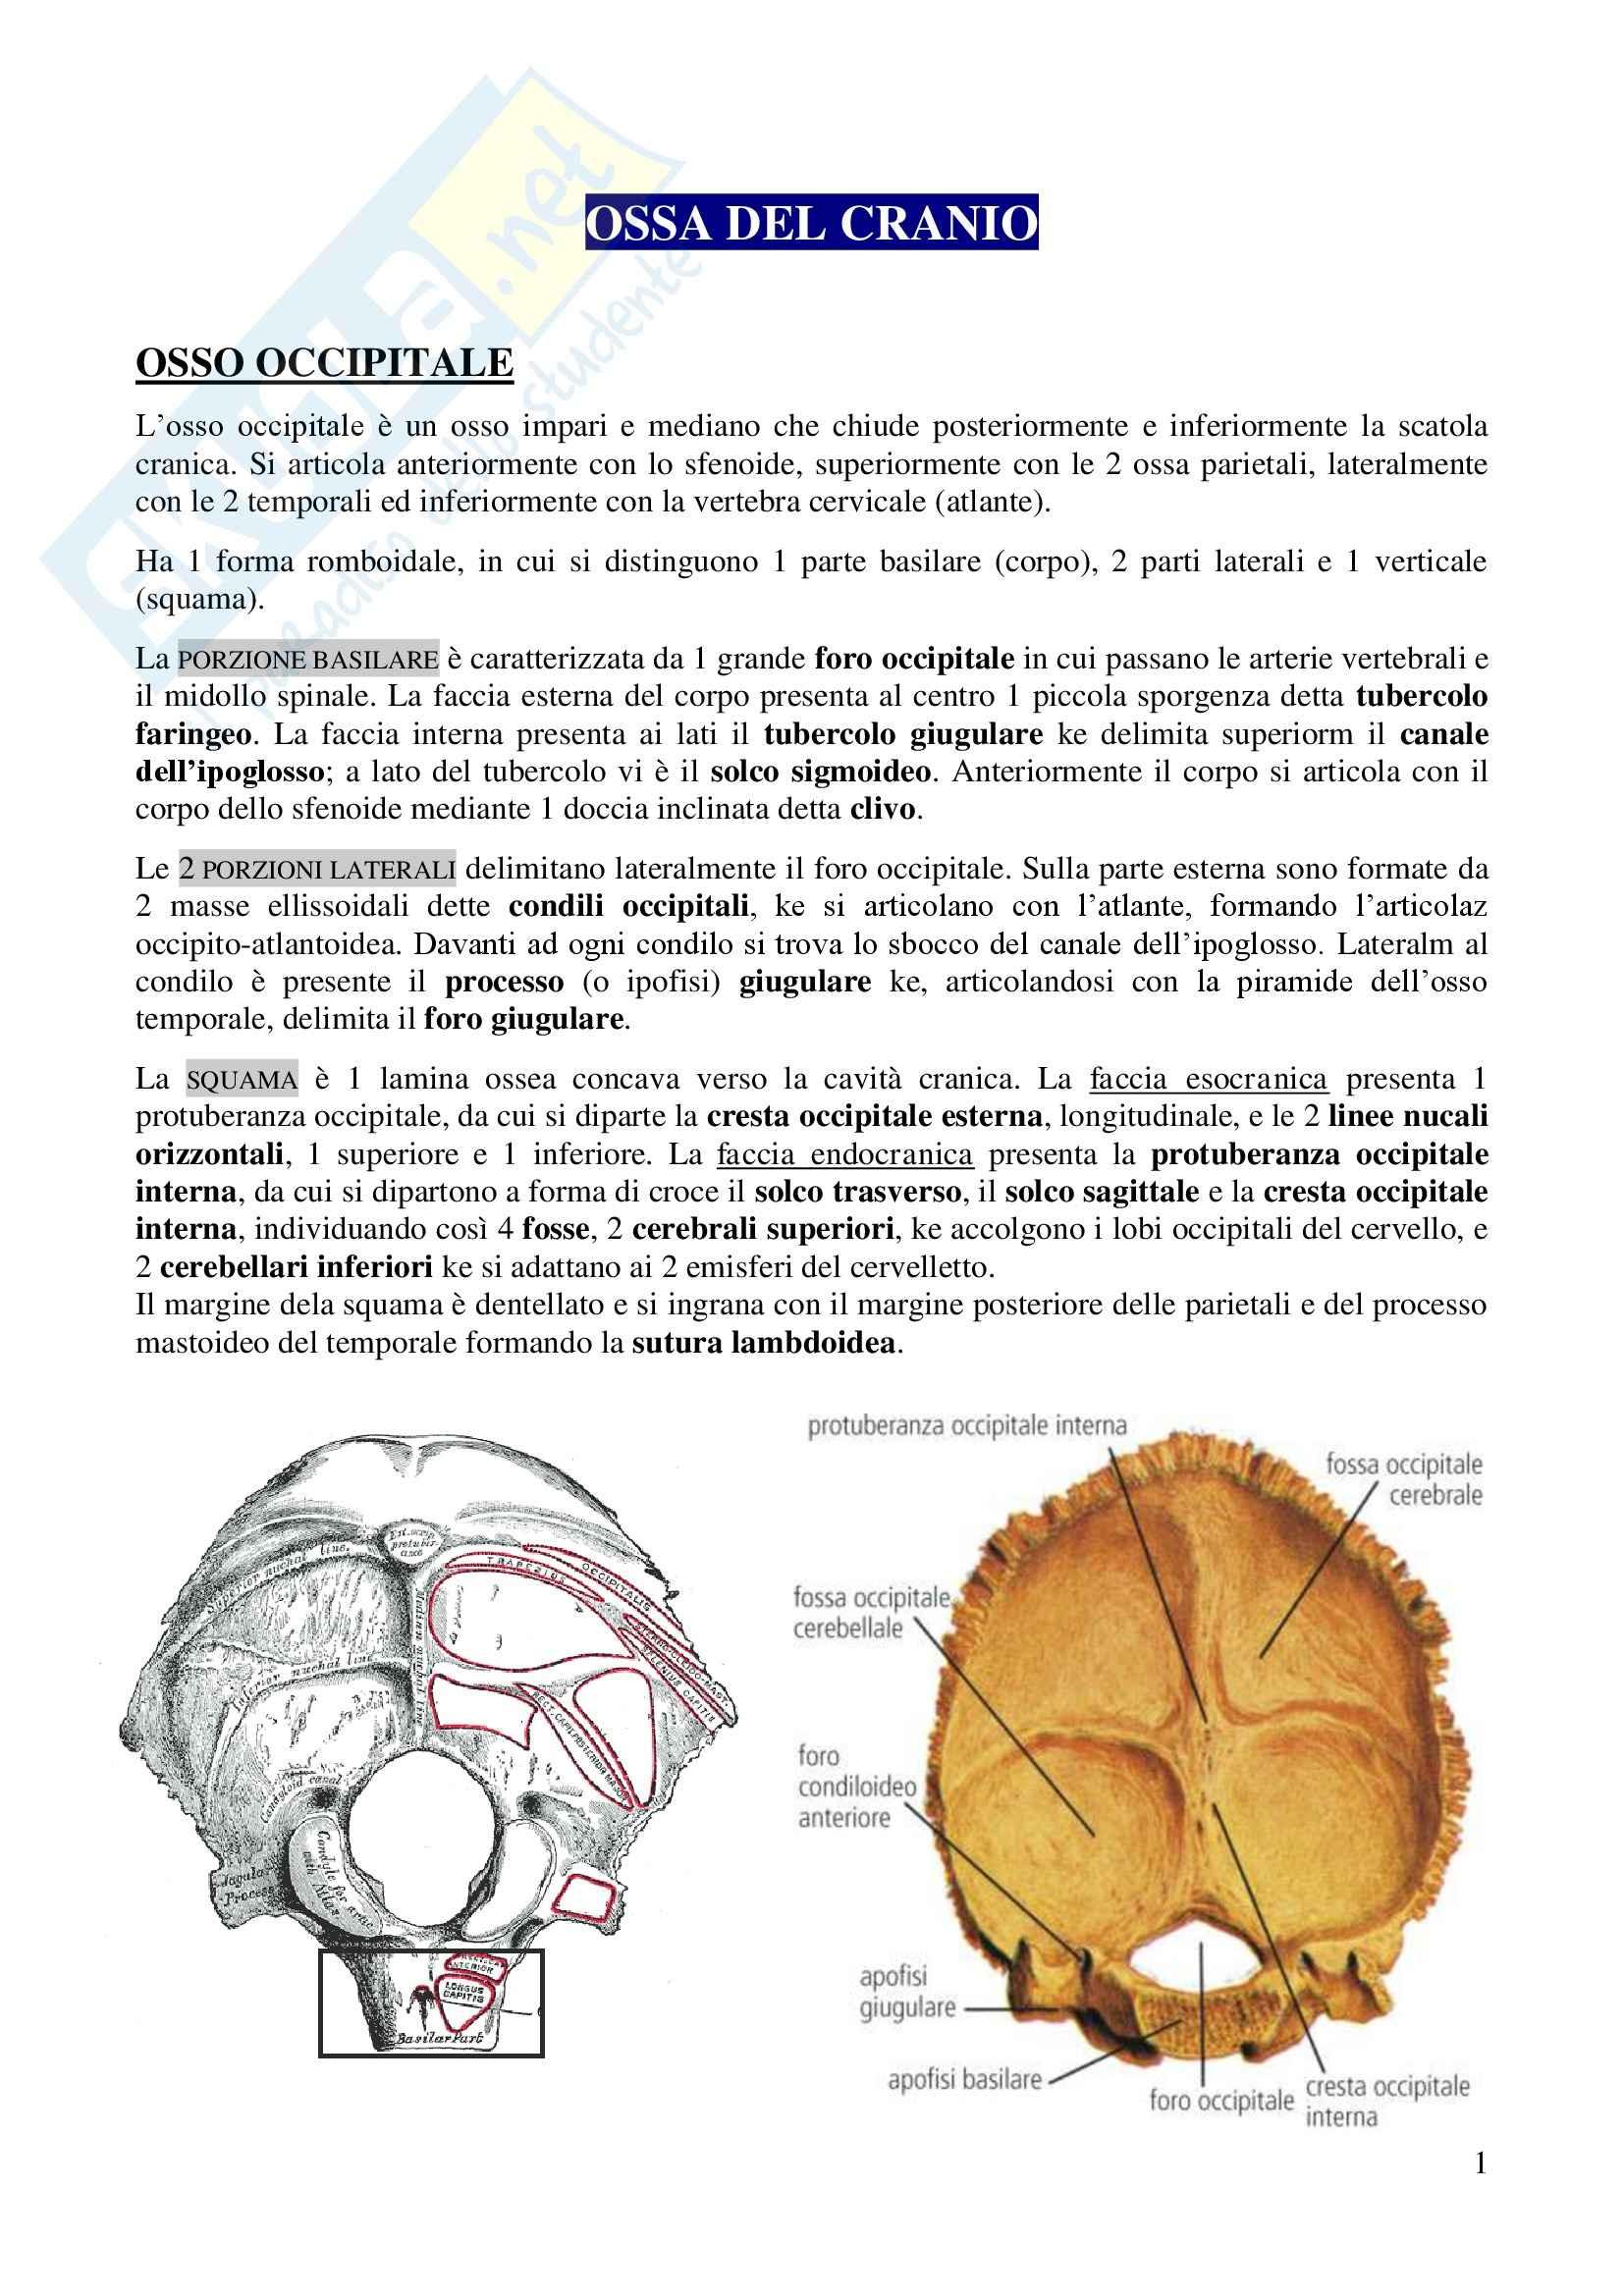 Ossa del cranio, Anatomia dell'apparato stomatognatico